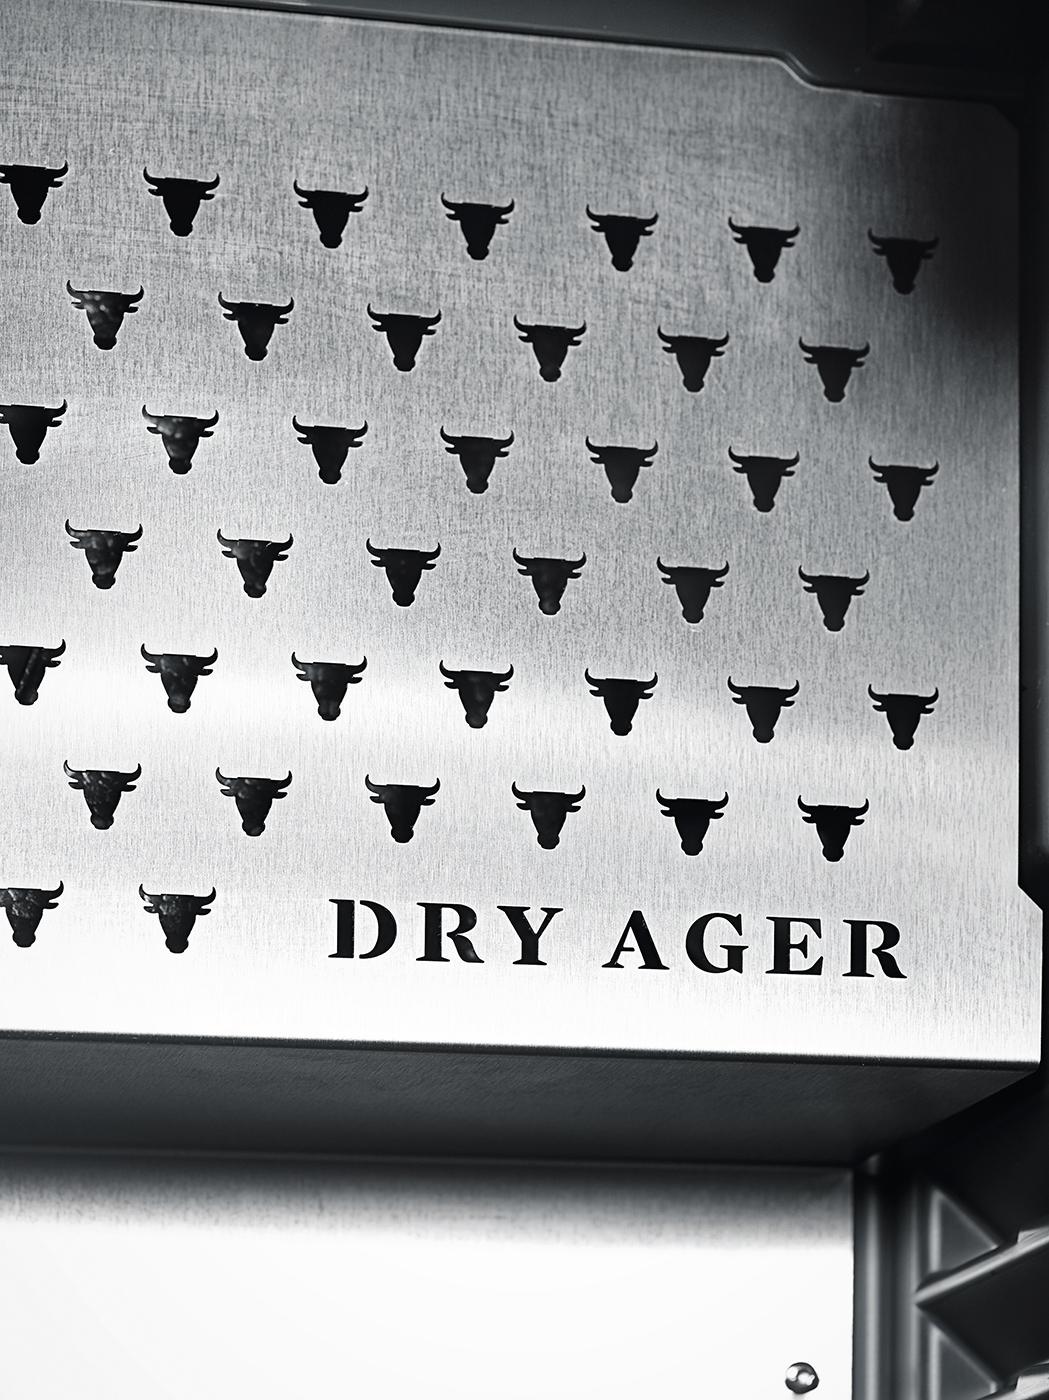 DRYAGER-DX1000-DETAIL-04_150dpi_rgb